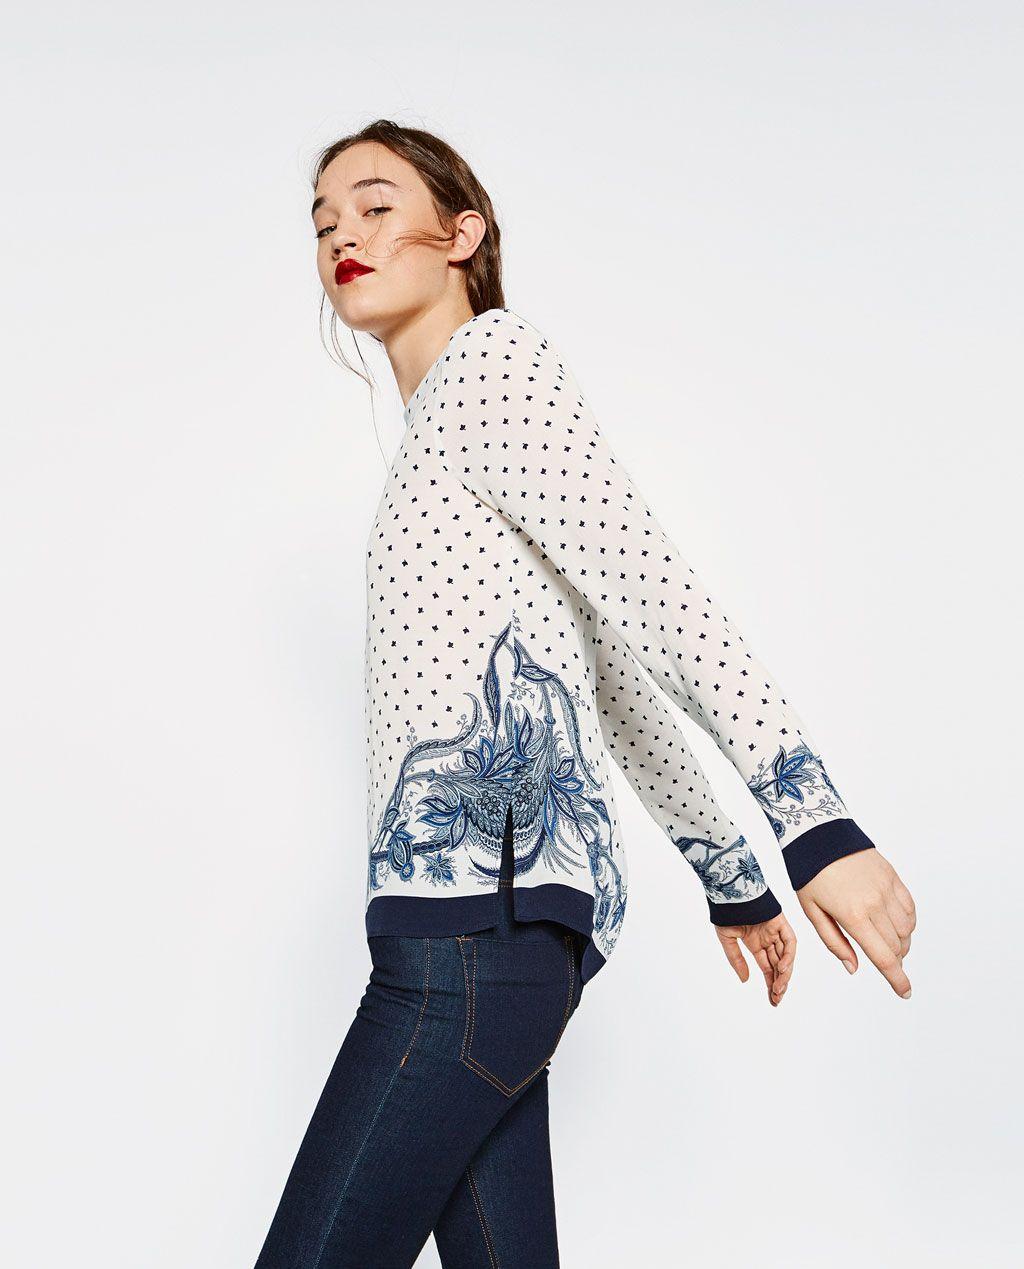 크롭트 셔츠-모두 보기-블라우스 | 셔츠-WOMAN-FW16 컬렉션 | ZARA 대한민국